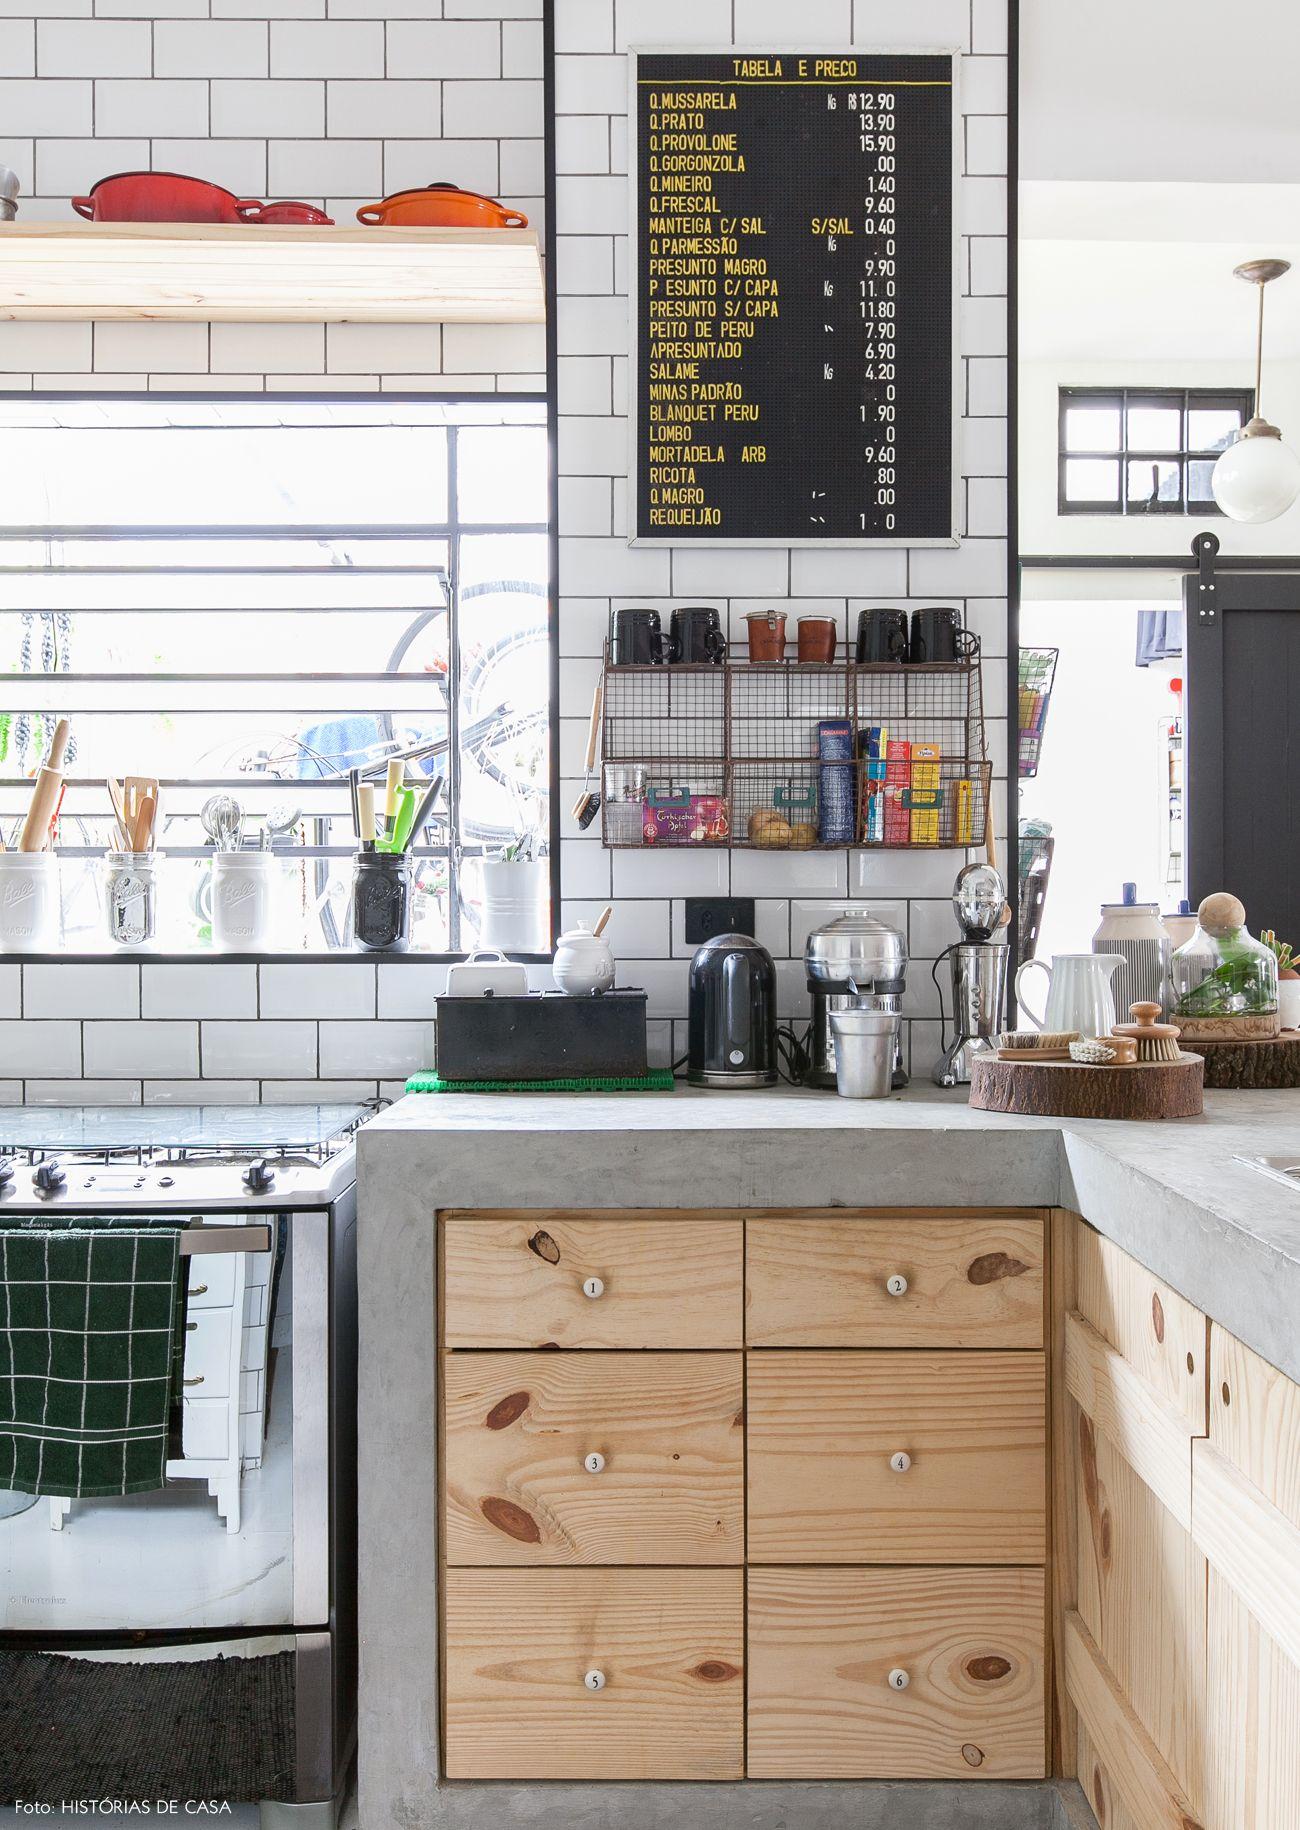 Ideias Em Profusao Decoracao Cozinha Retro Designs De Cozinha